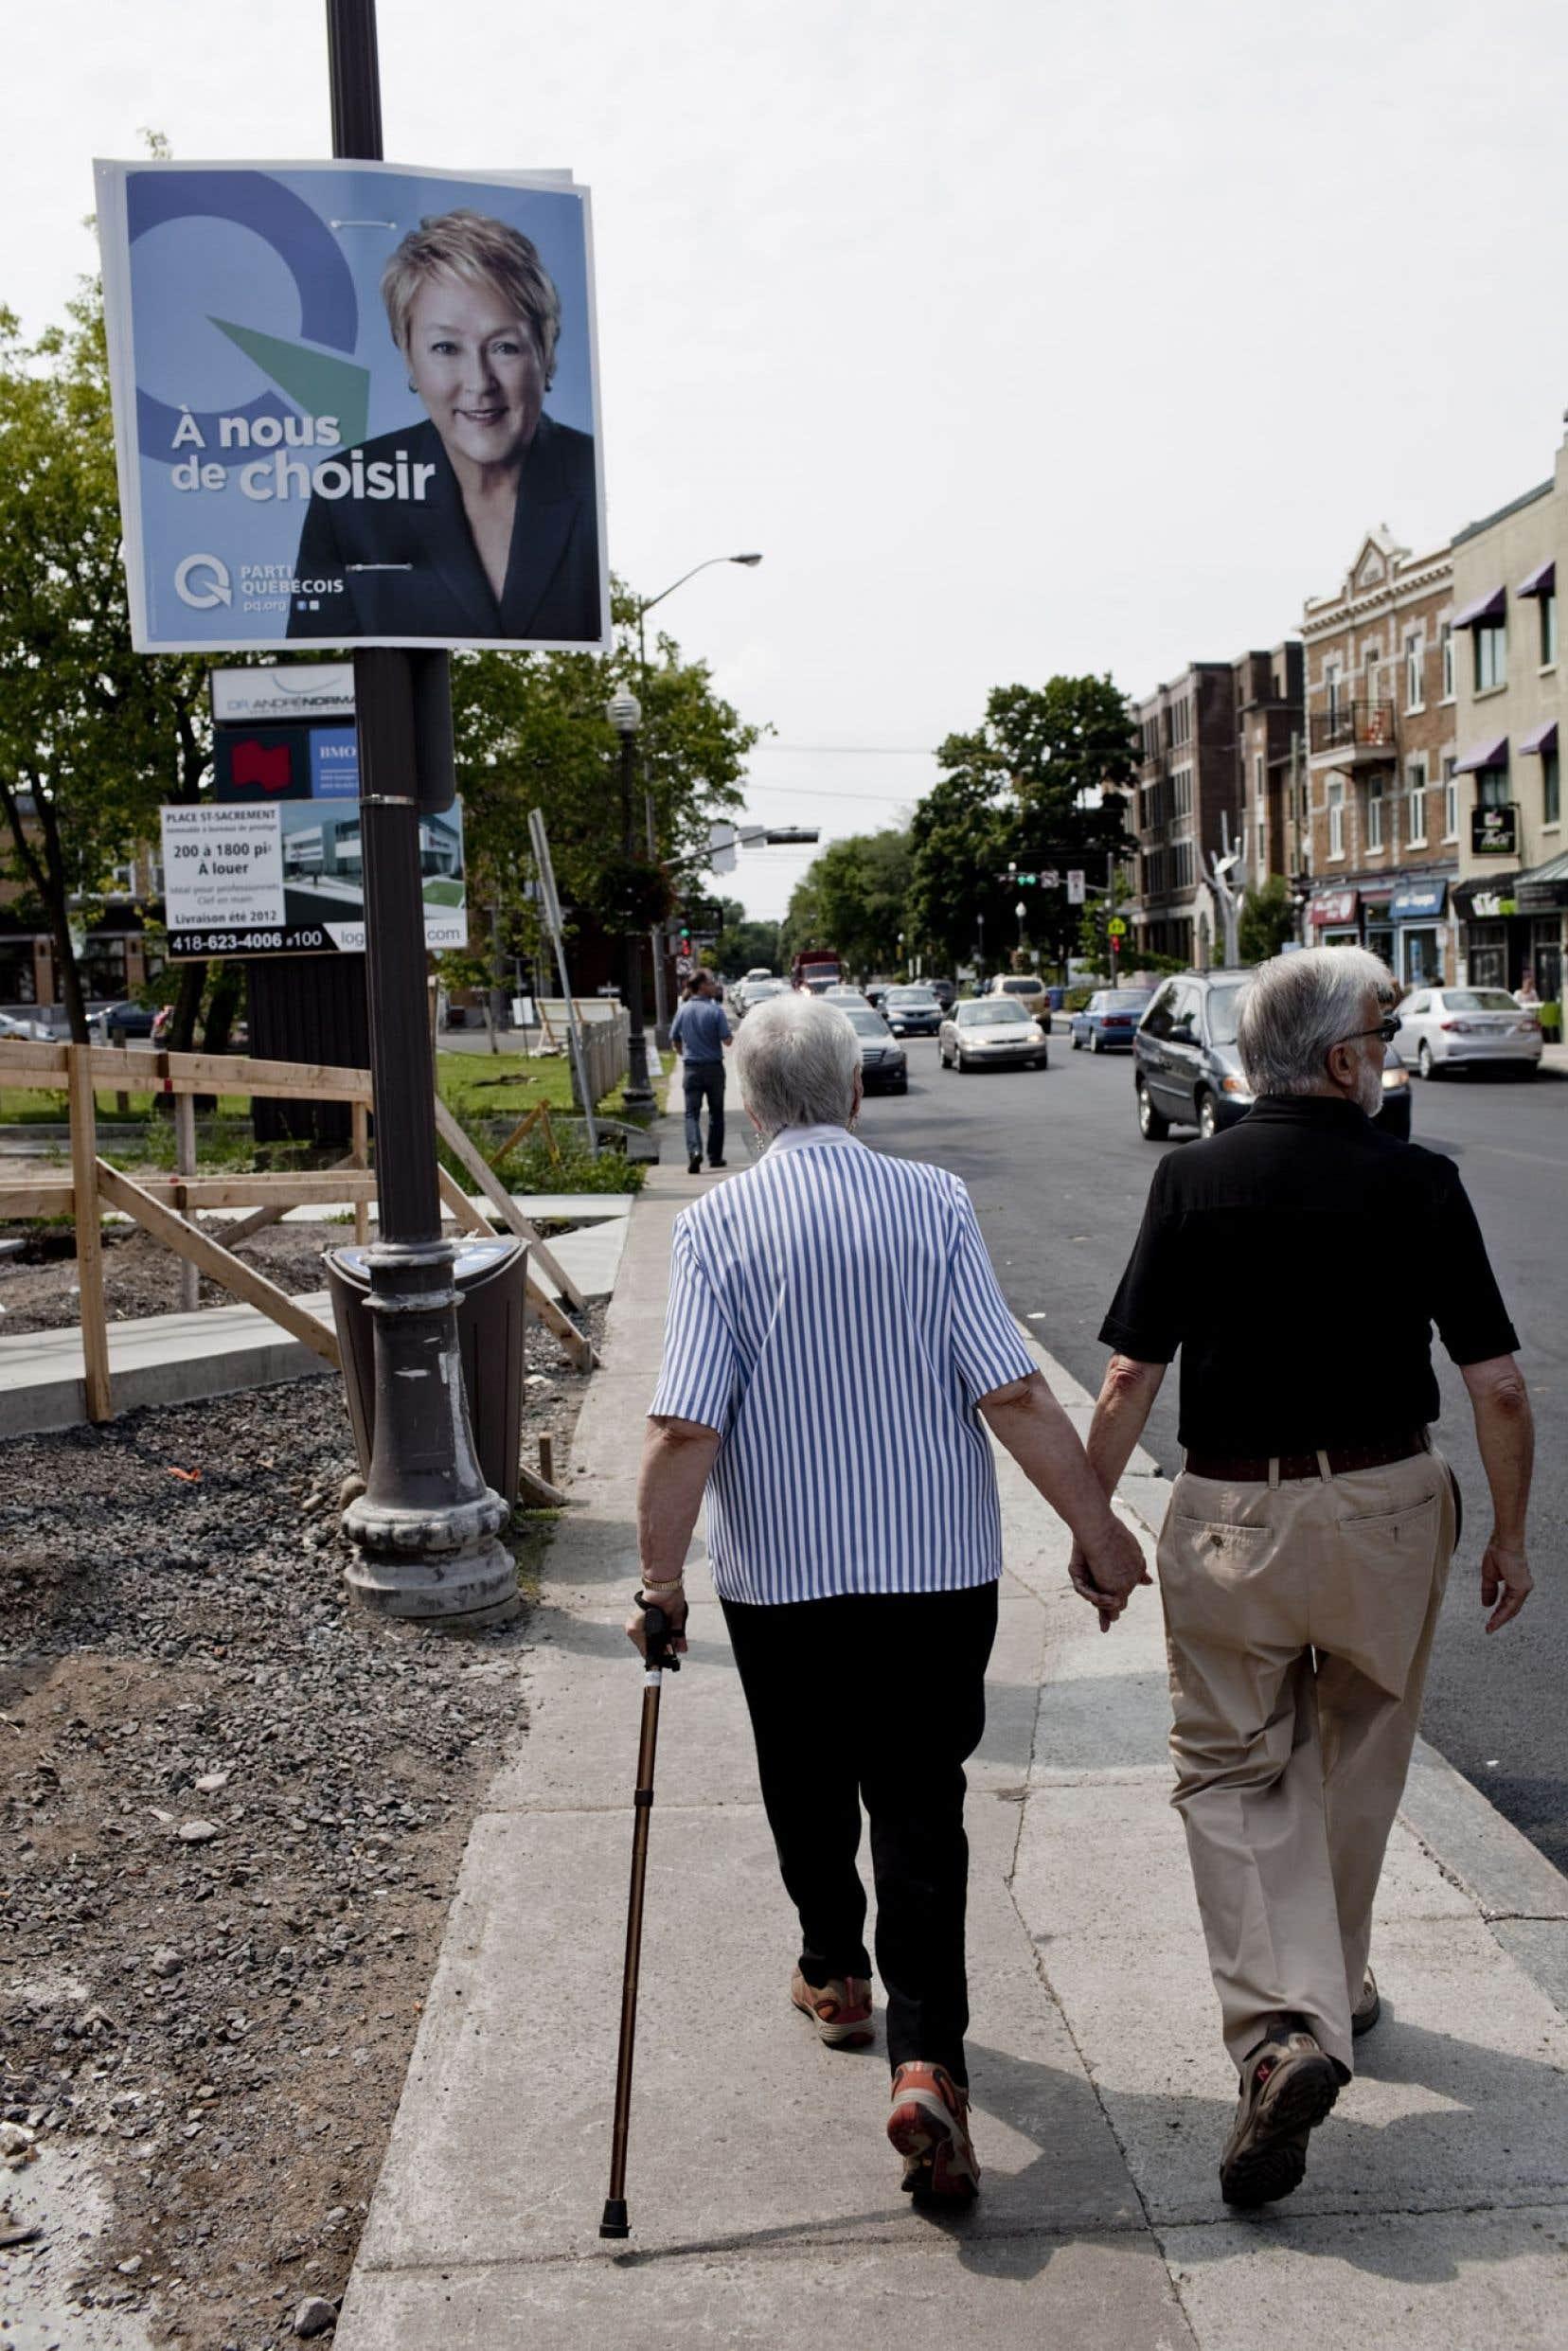 Il y a nécessité d'étendre l'accès aux soins à domicile de longue durée dans un contexte de vieillissement de la population.